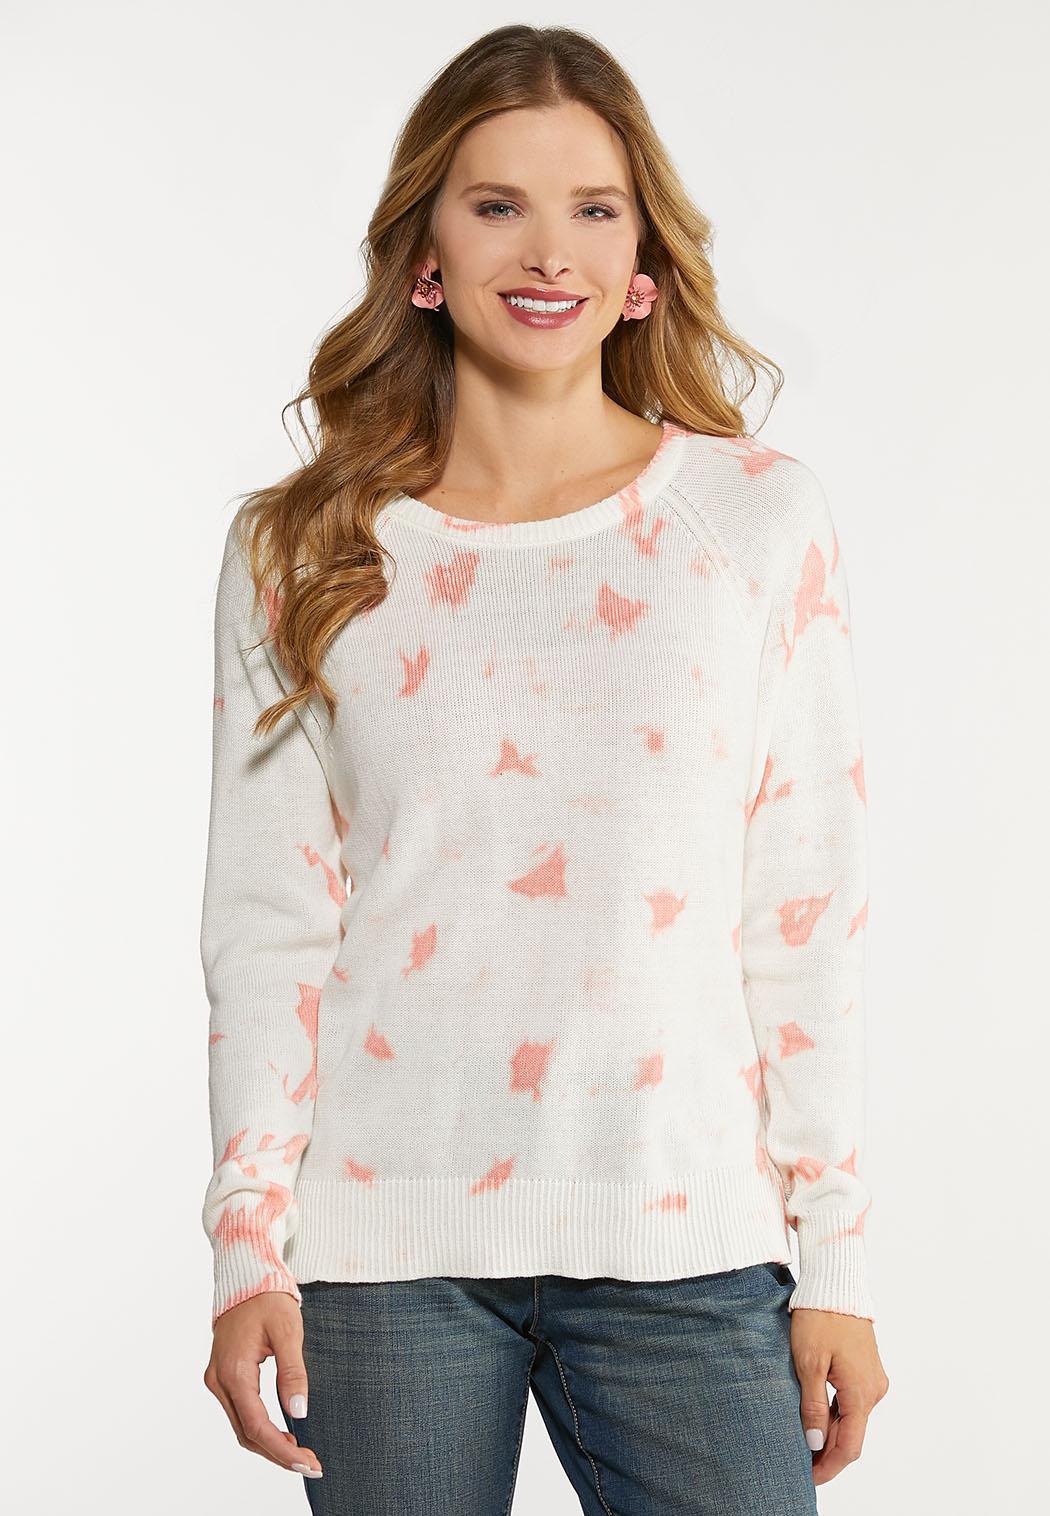 Pink Tie Dye Sweater